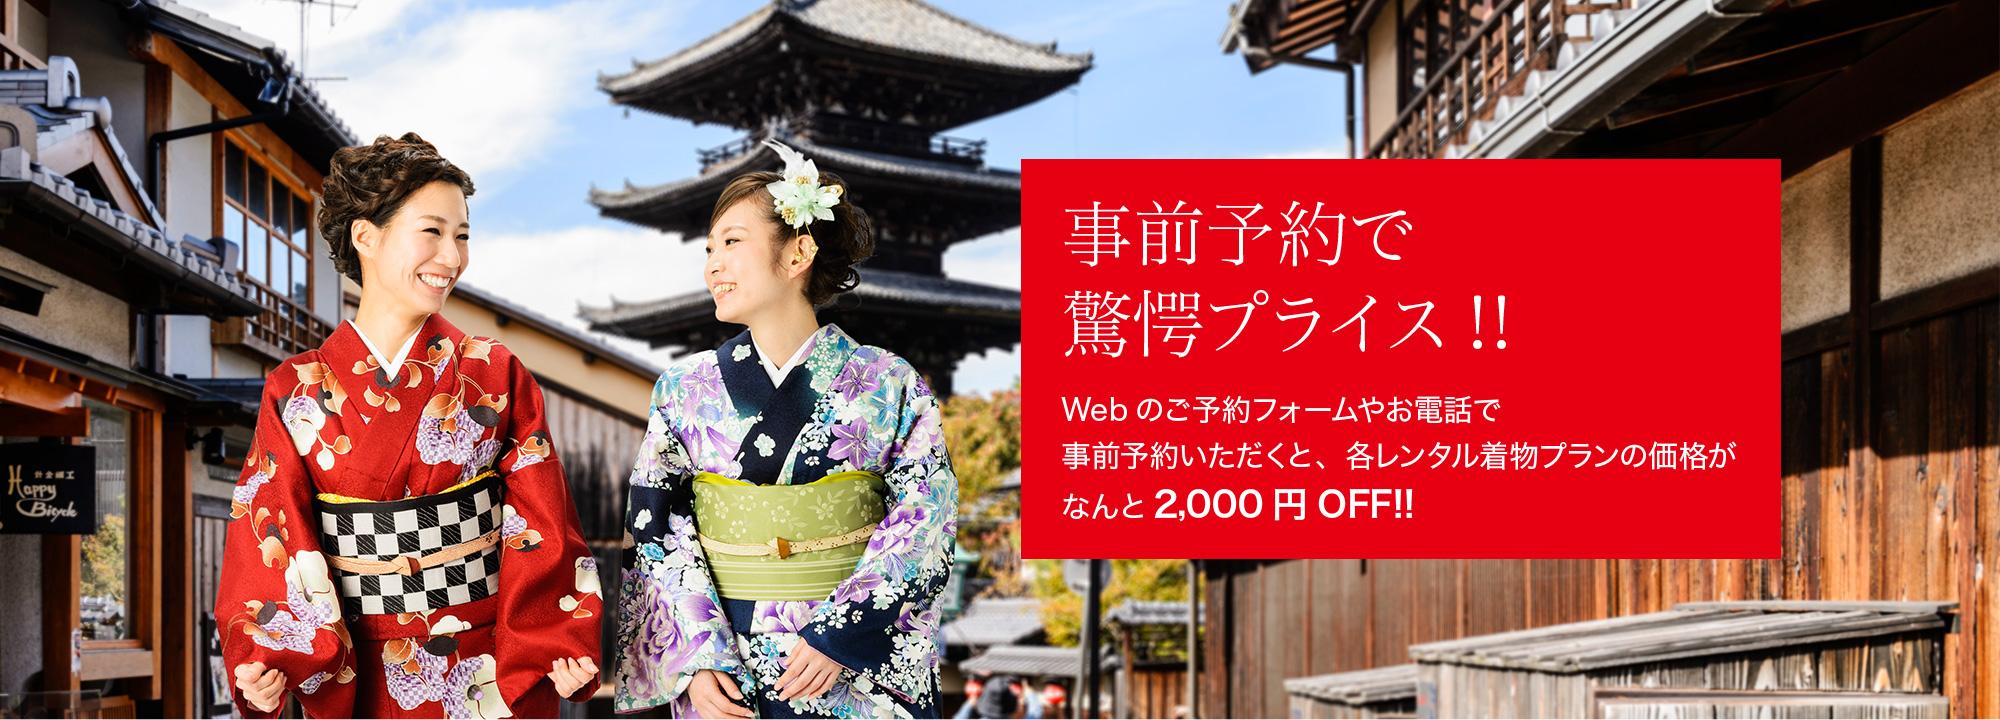 京都 着物レンタル 短時間